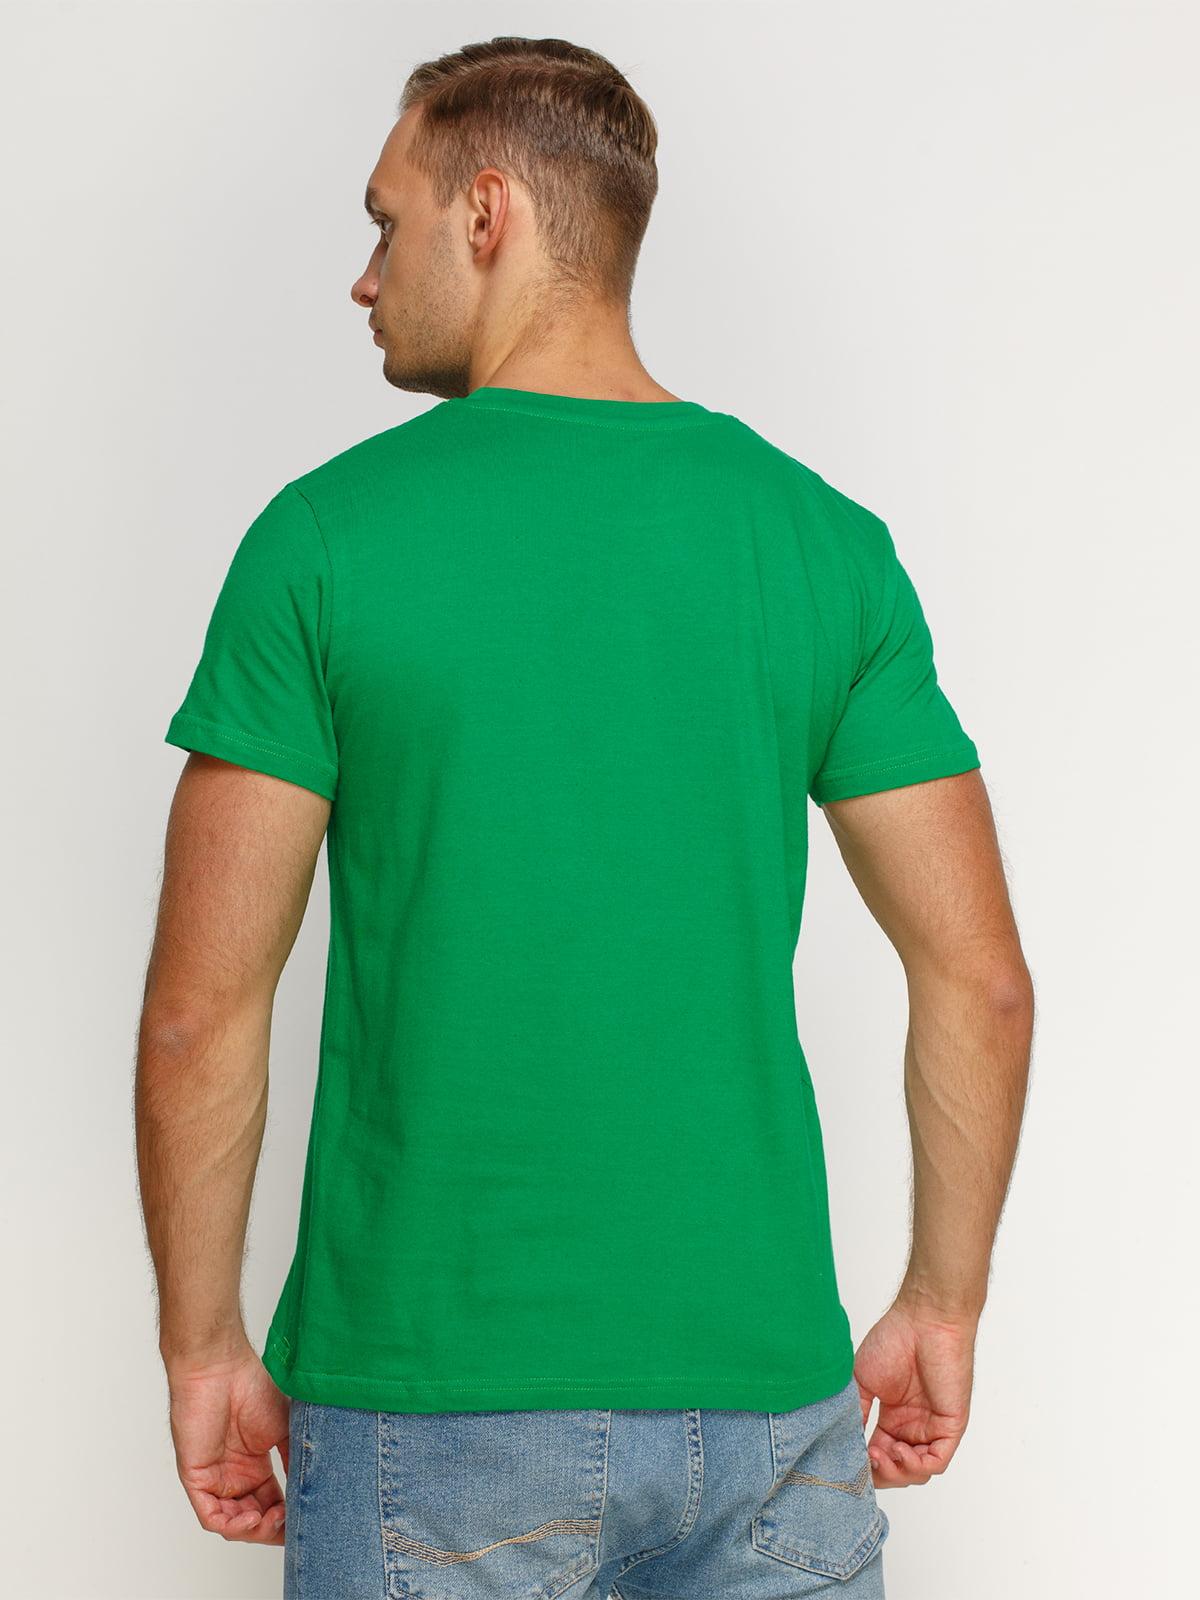 Футболка зеленая с принтом | 4577970 | фото 2